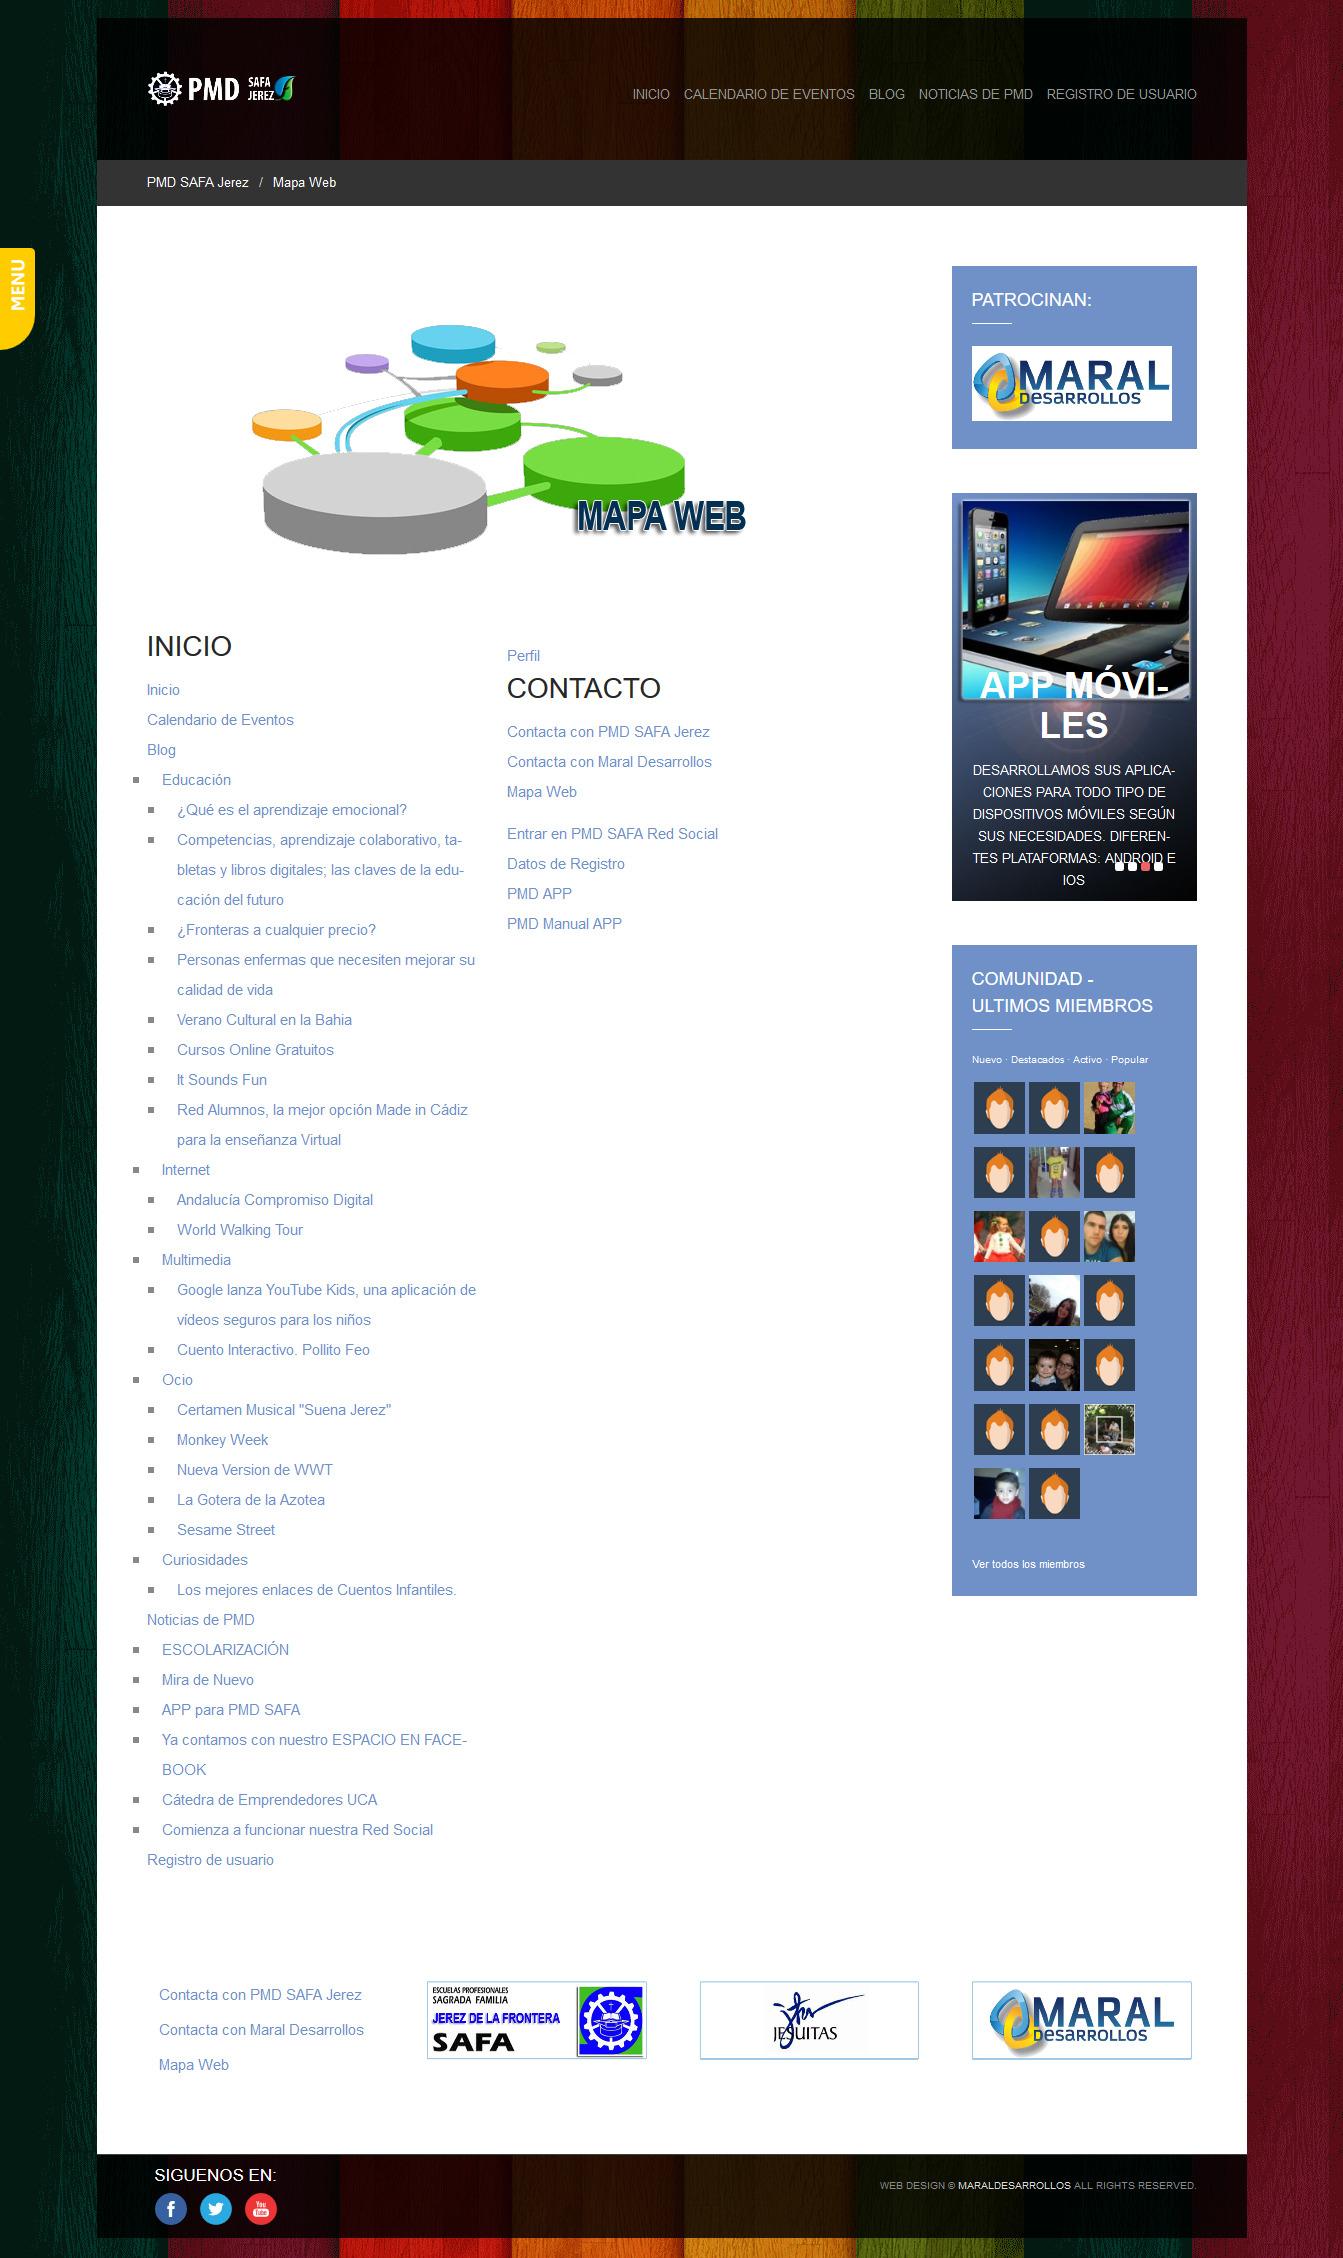 005-safa-web-webmap